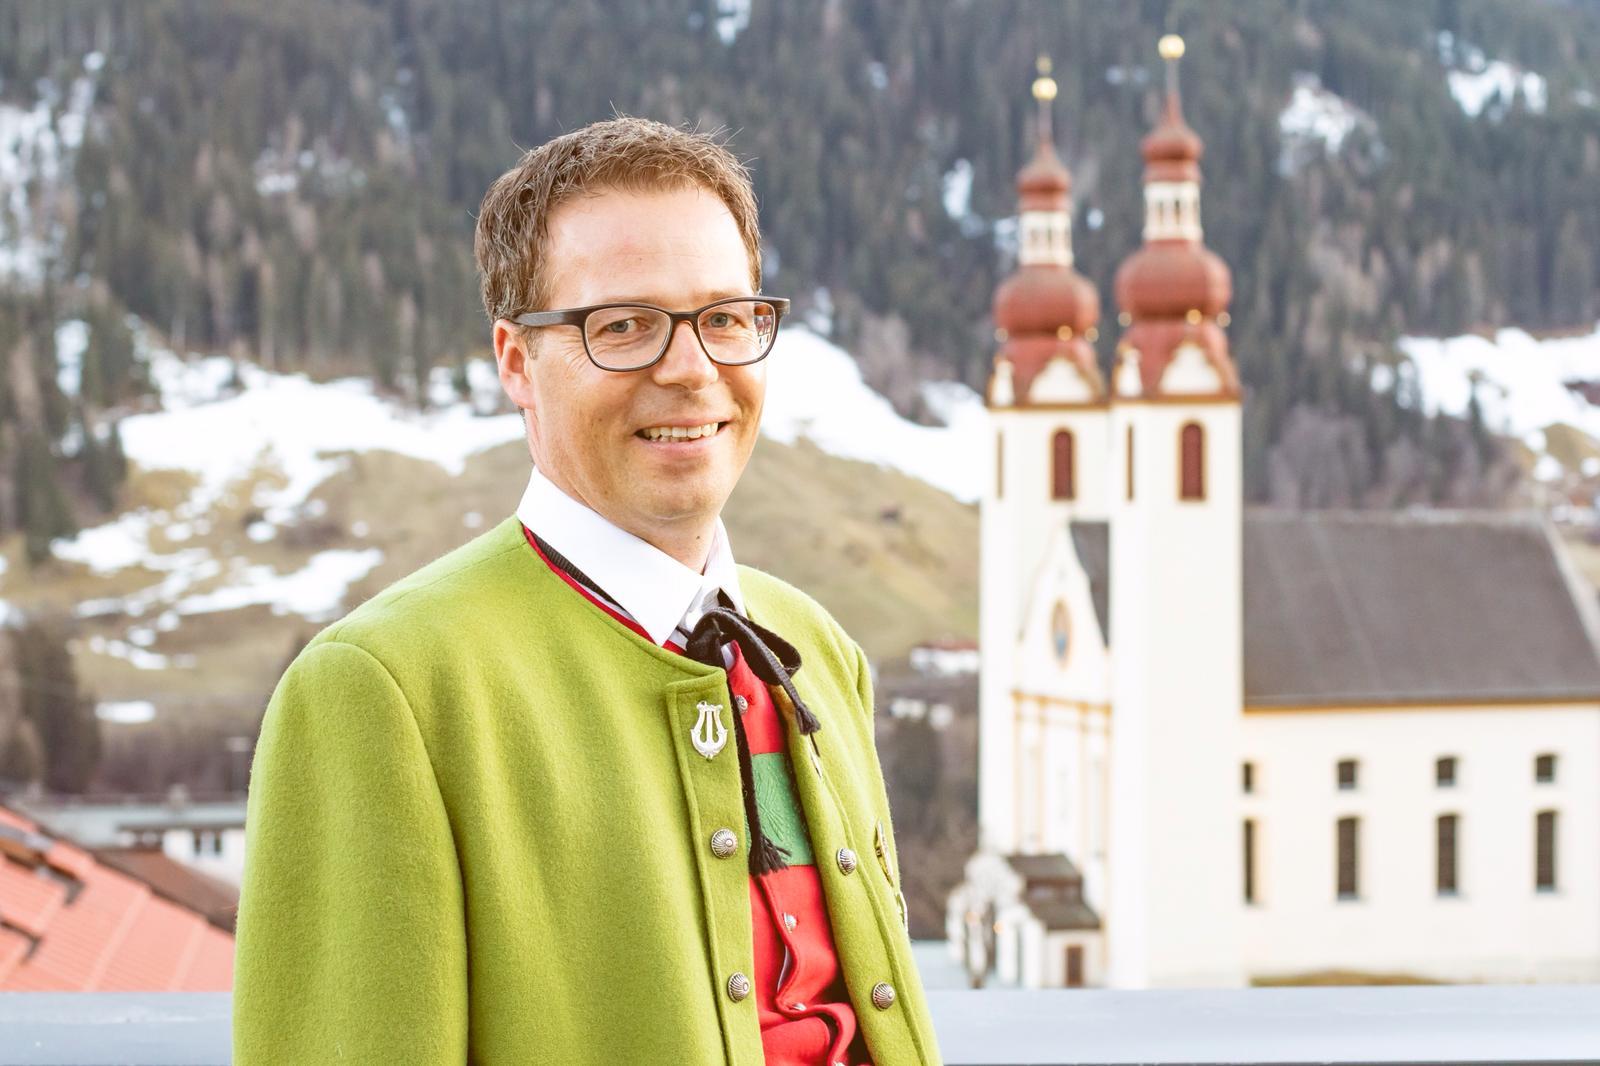 Erhart Daniel